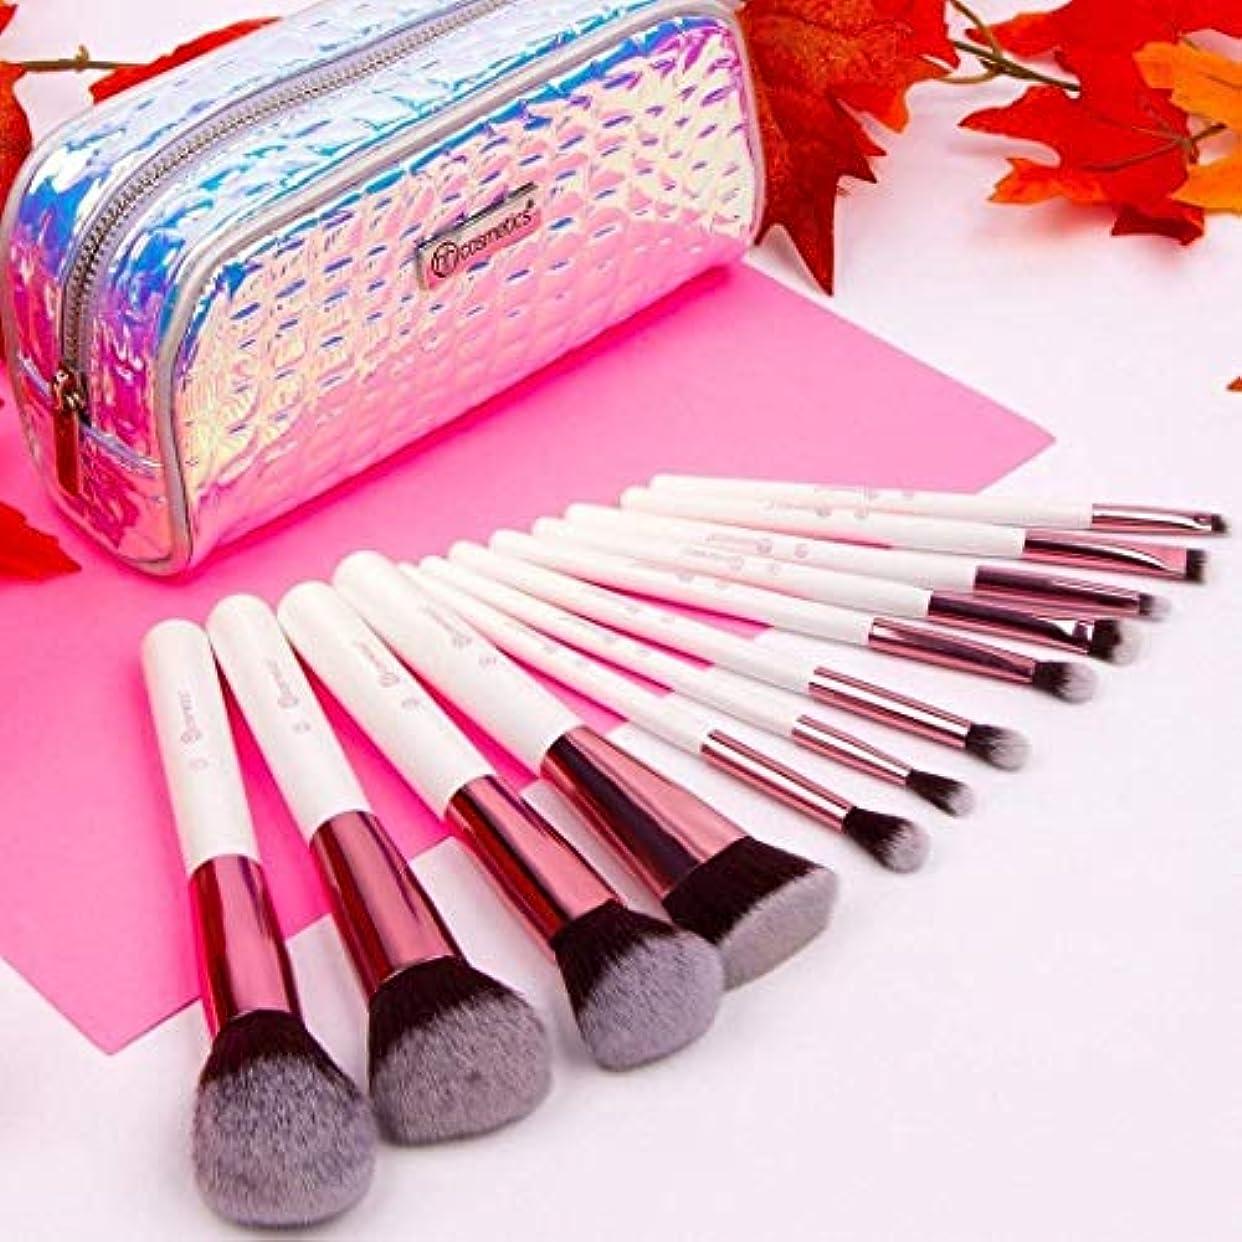 破壊的状ブルジョンBH cosmetics メイクブラシ アイシャドウブラシ 化粧筆 12本セット コスメブラシ 多機能メイクブラシケース付き収納便利 (12本セット)